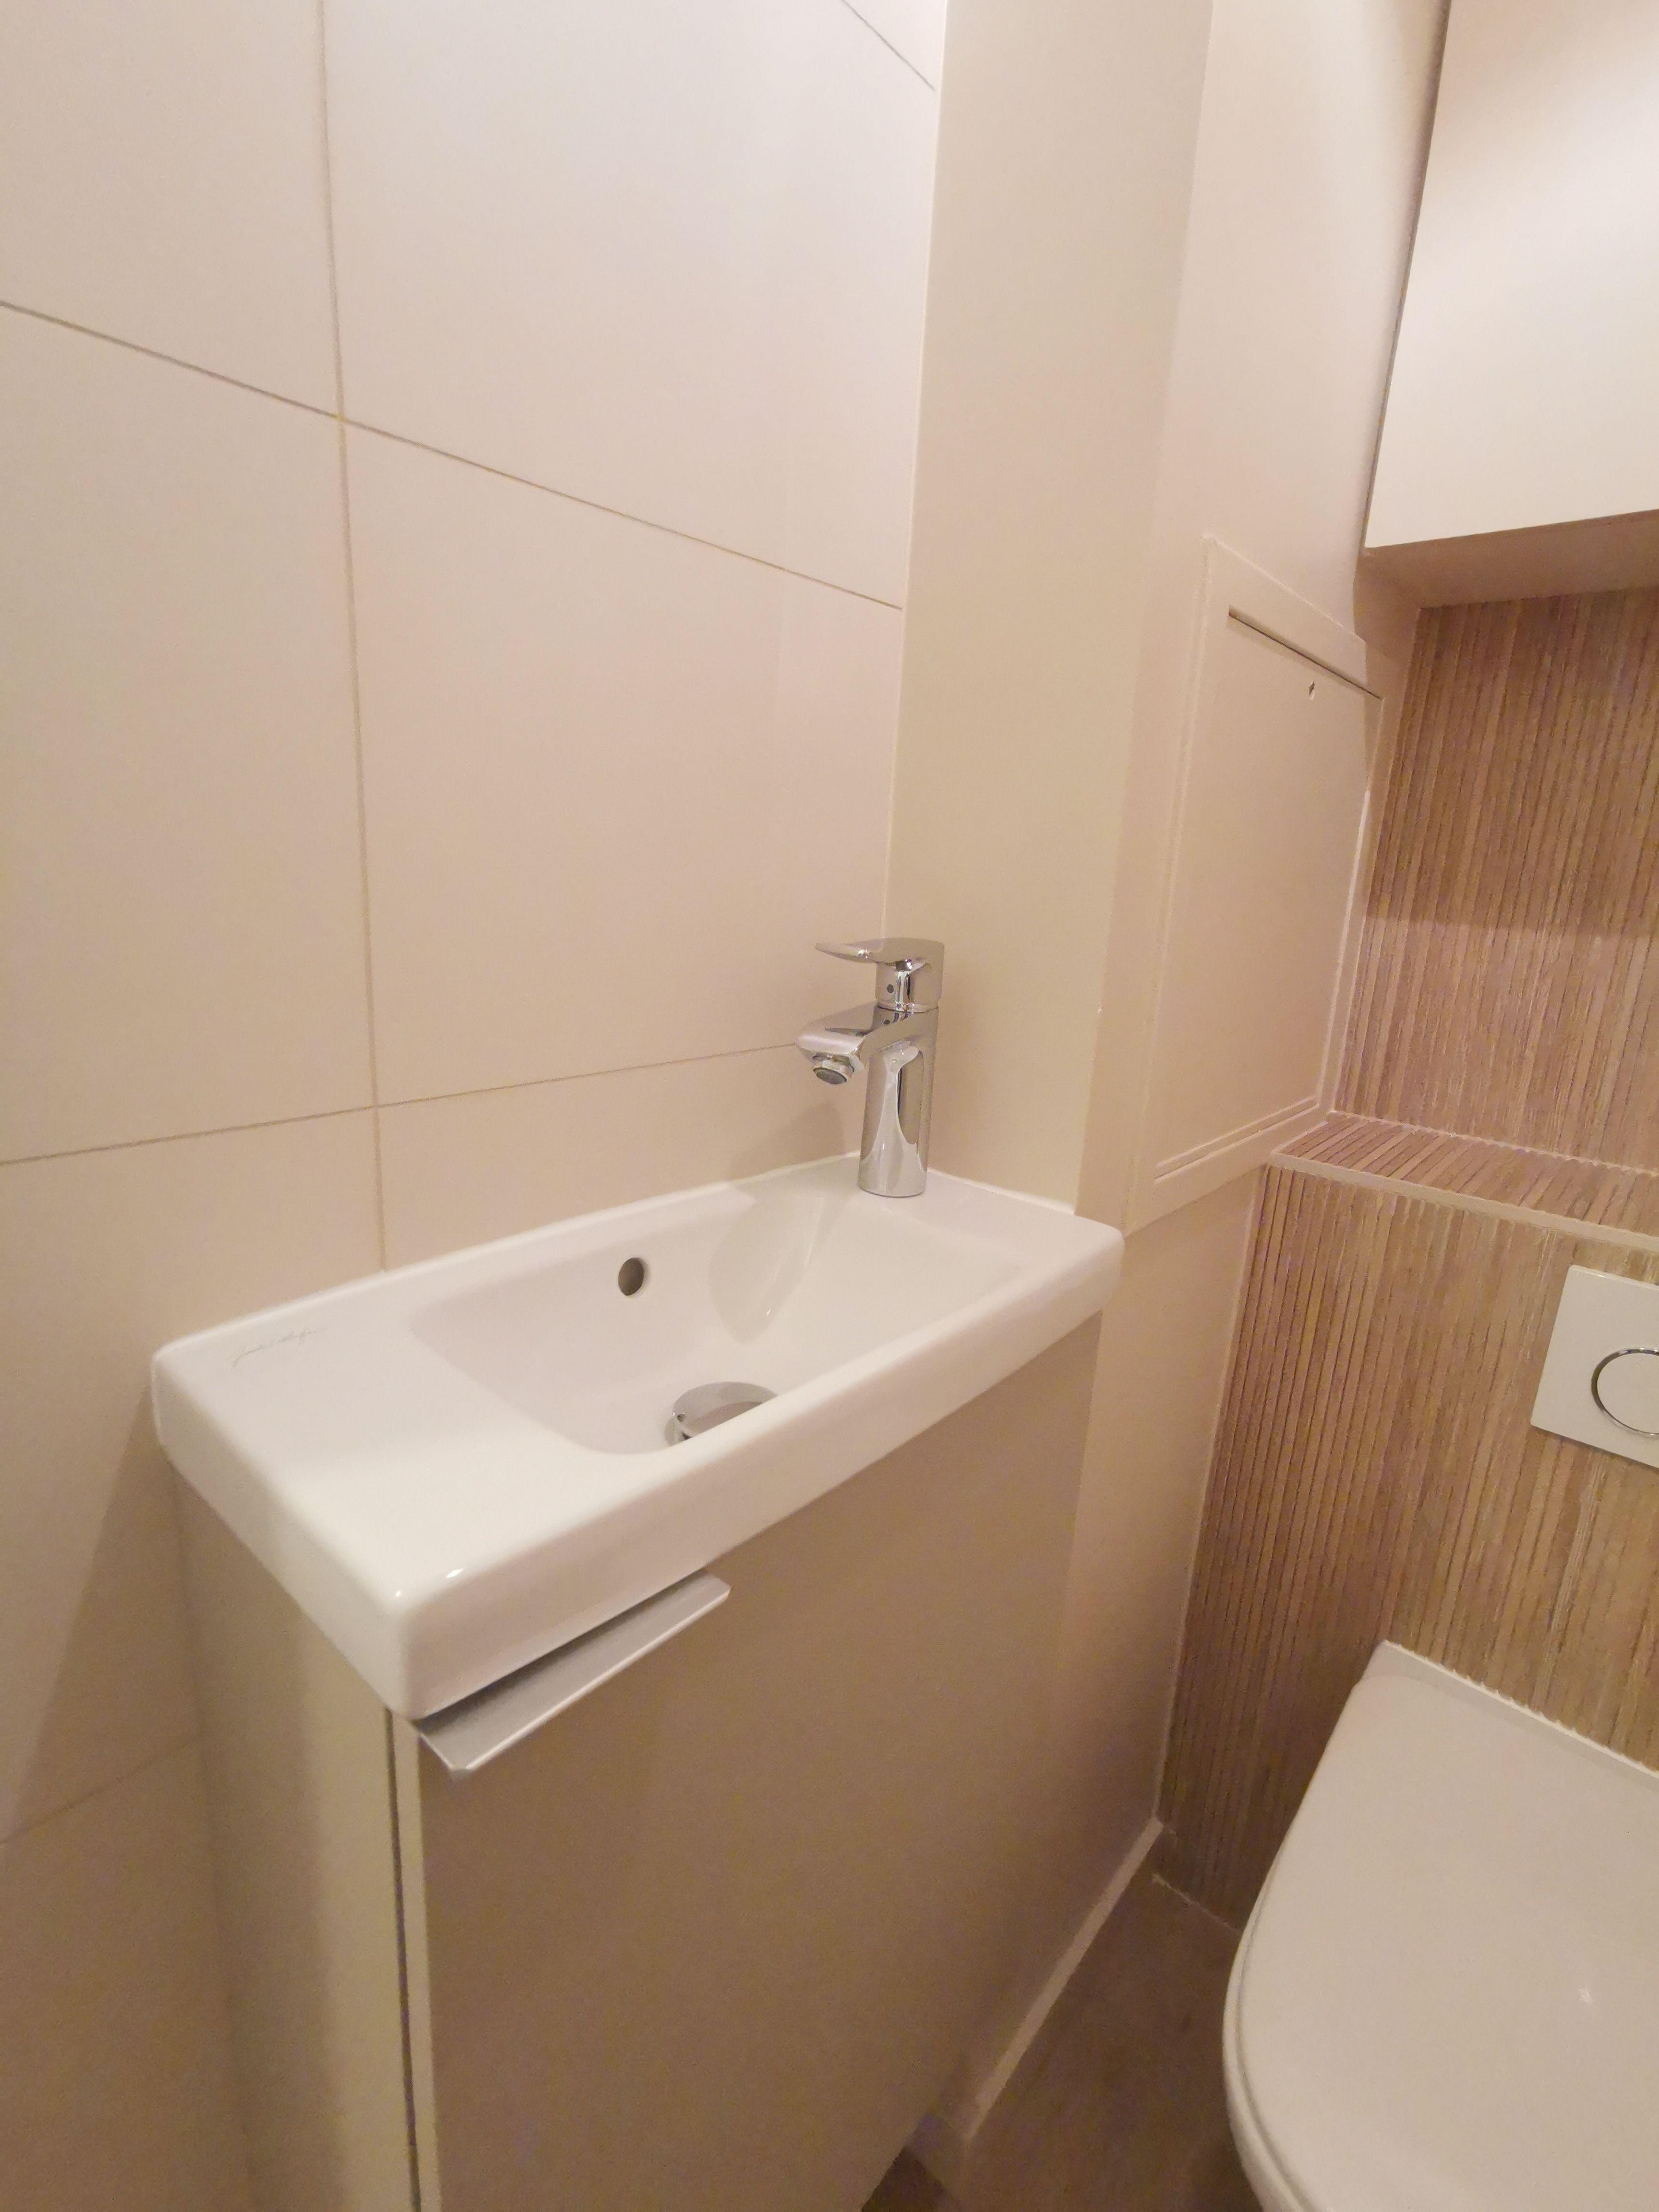 Epingle Par Nuance D Interieur Sur Wc Decoration Interieure Meuble Vasque Lave Main Wc